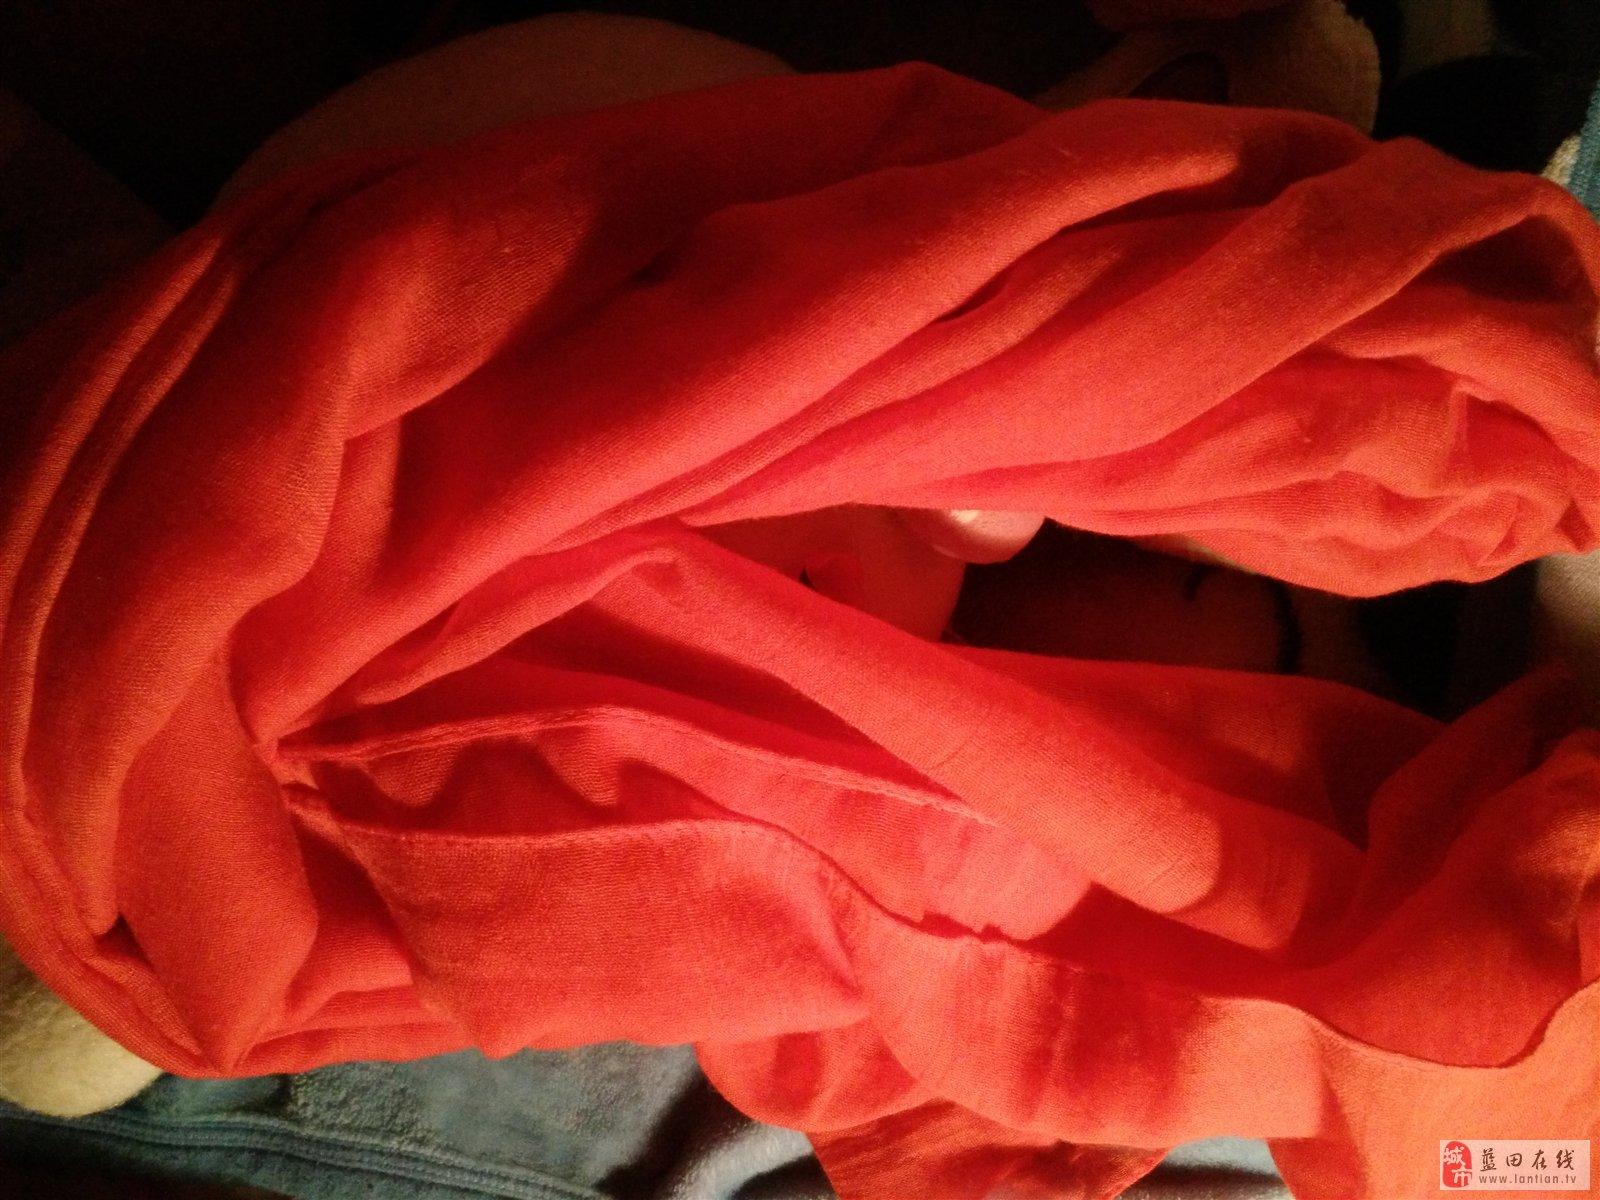 还记得那年 我曾诵读过这样一首 埋藏着主人对那条爱的纱巾 倾尽了一生来静静守护着 那时我也深深打动过 而今也是 一条红似红的纱巾 凝结了一份厚重 一份挚爱,一份记忆 围在脖颈上 这个冬天将不再寒冷 红纱巾呀红纱巾 您捎来一份嘱托 传递一份温暖 表达一种心意 留住一份真情 每每触摸那条如丝绸般 光滑柔软的红纱巾 心都被照耀的暖洋洋的 即使再怎么冷言冷语 都不及一条纱巾诠释了所有